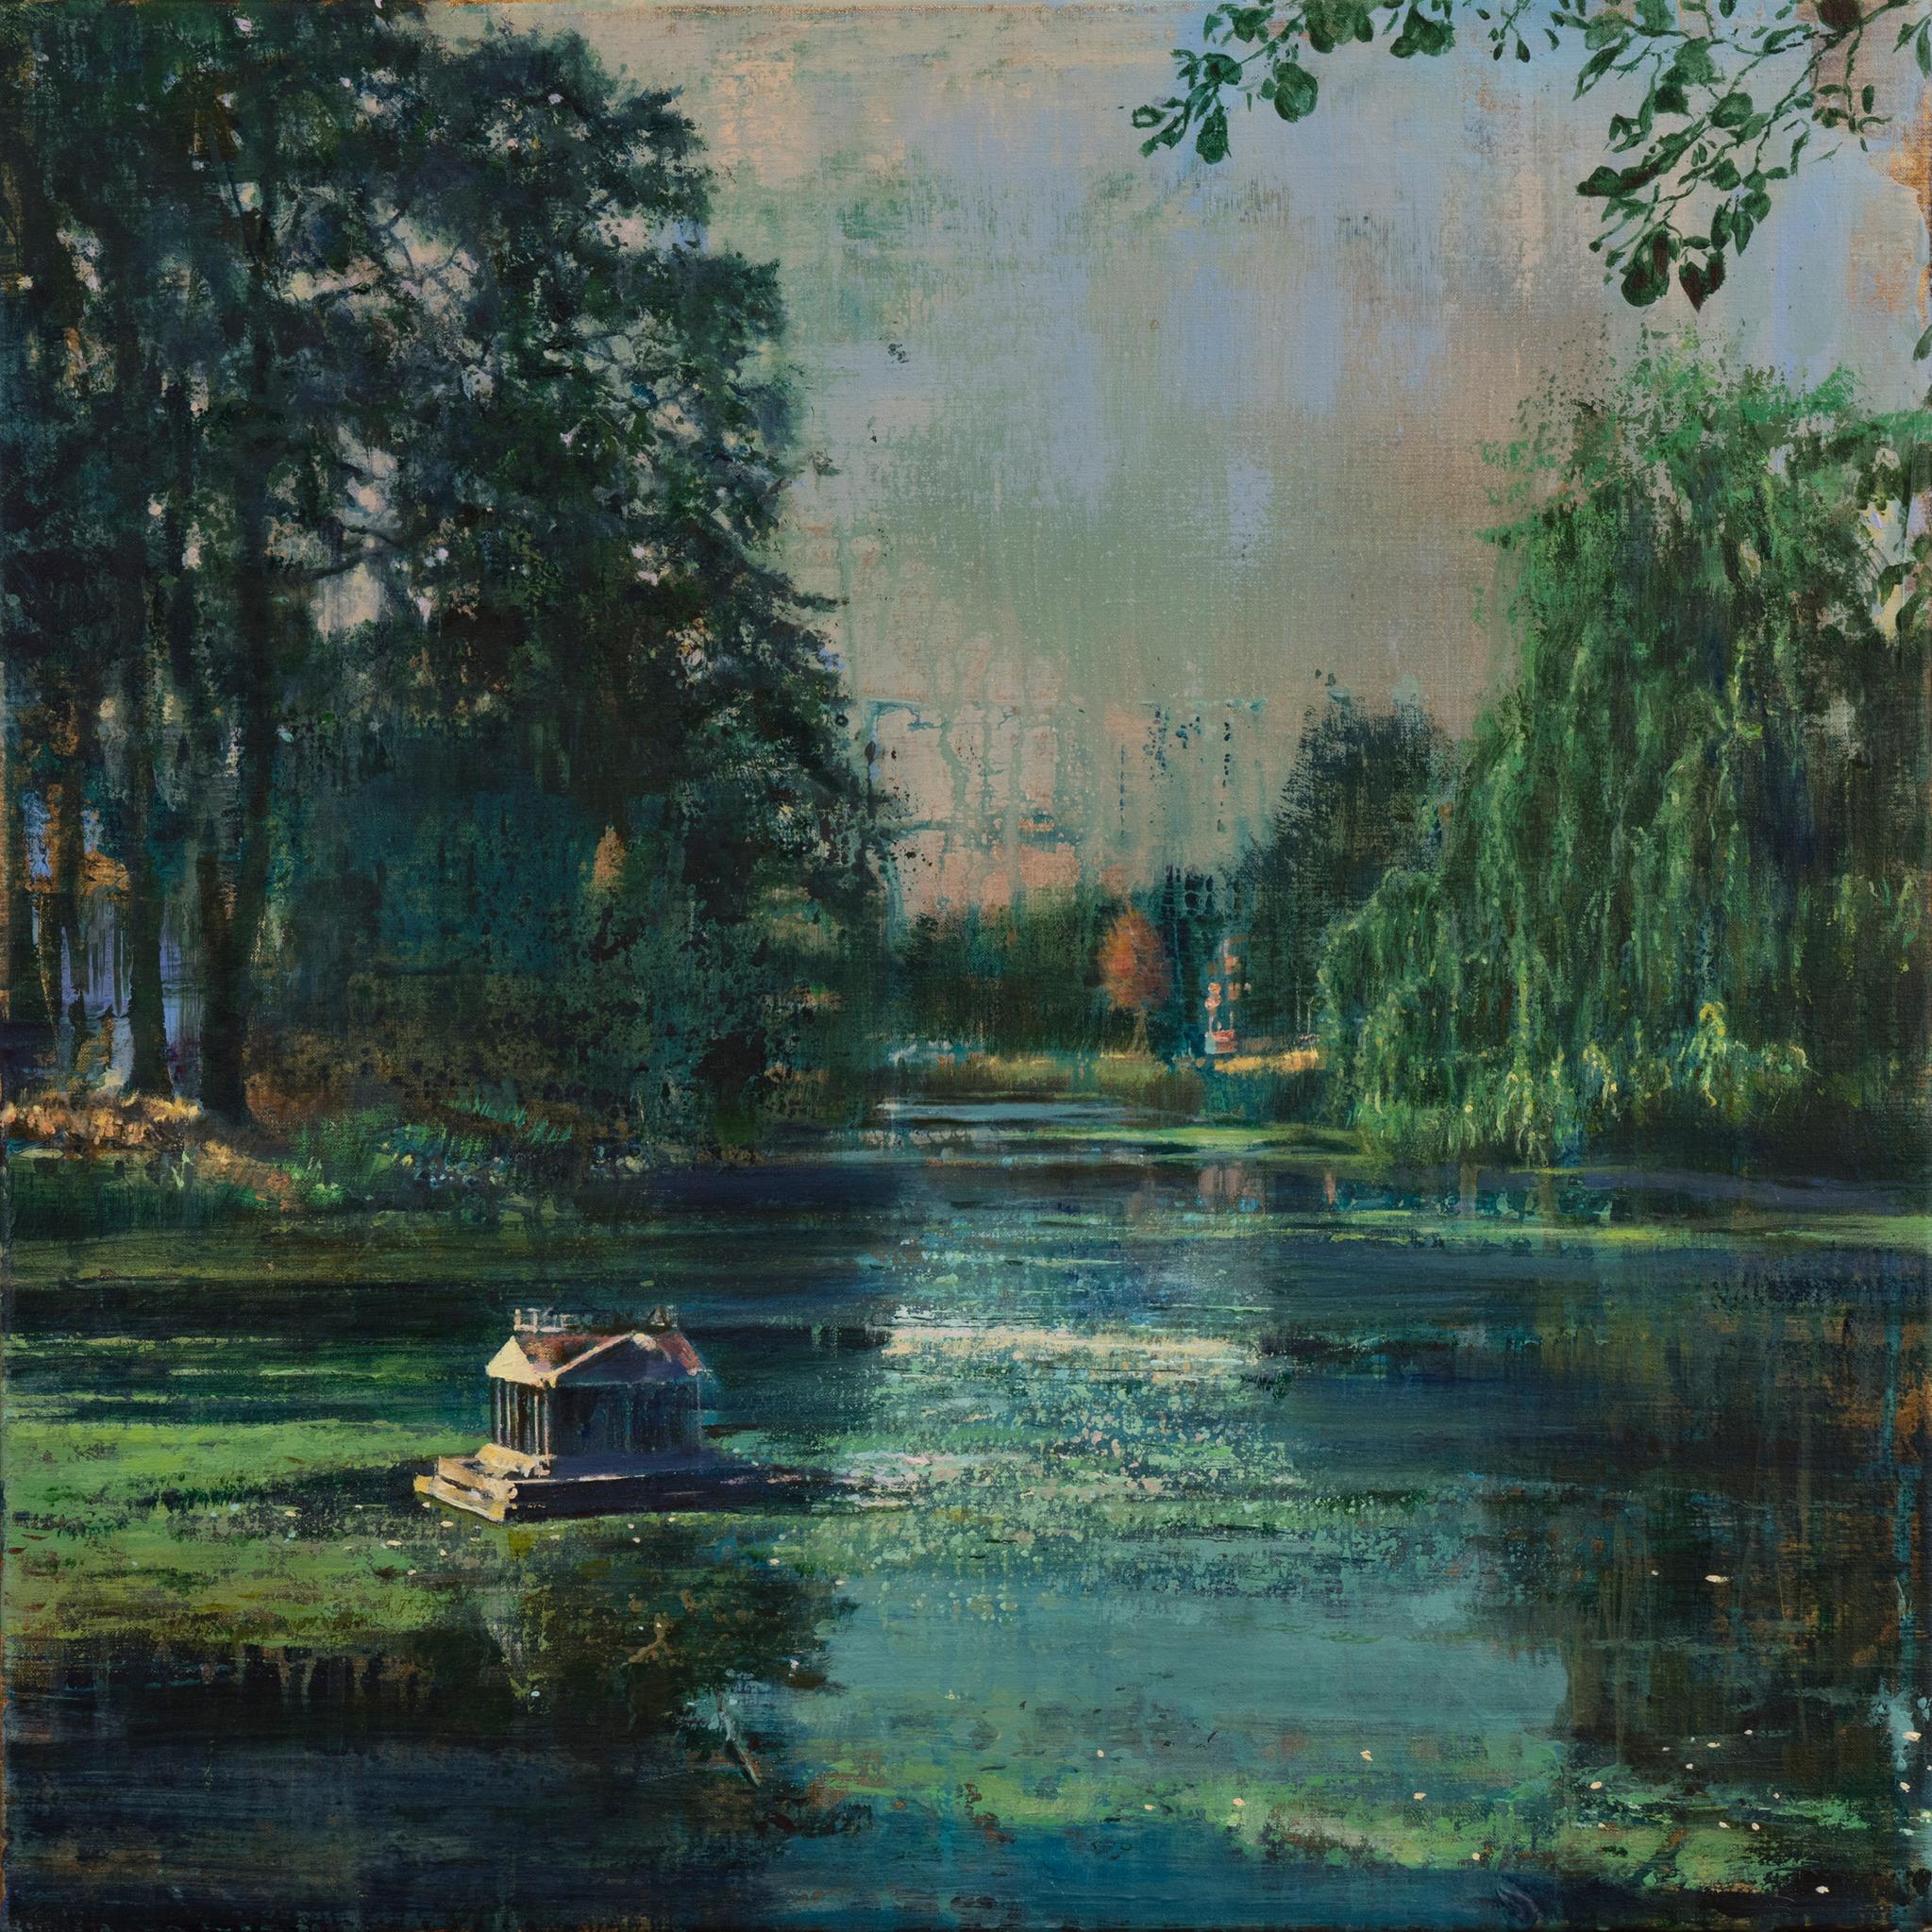 schilderij vijver Groningen eendenhuisje zomeravond painting city pond with duck house isabella werkhoven